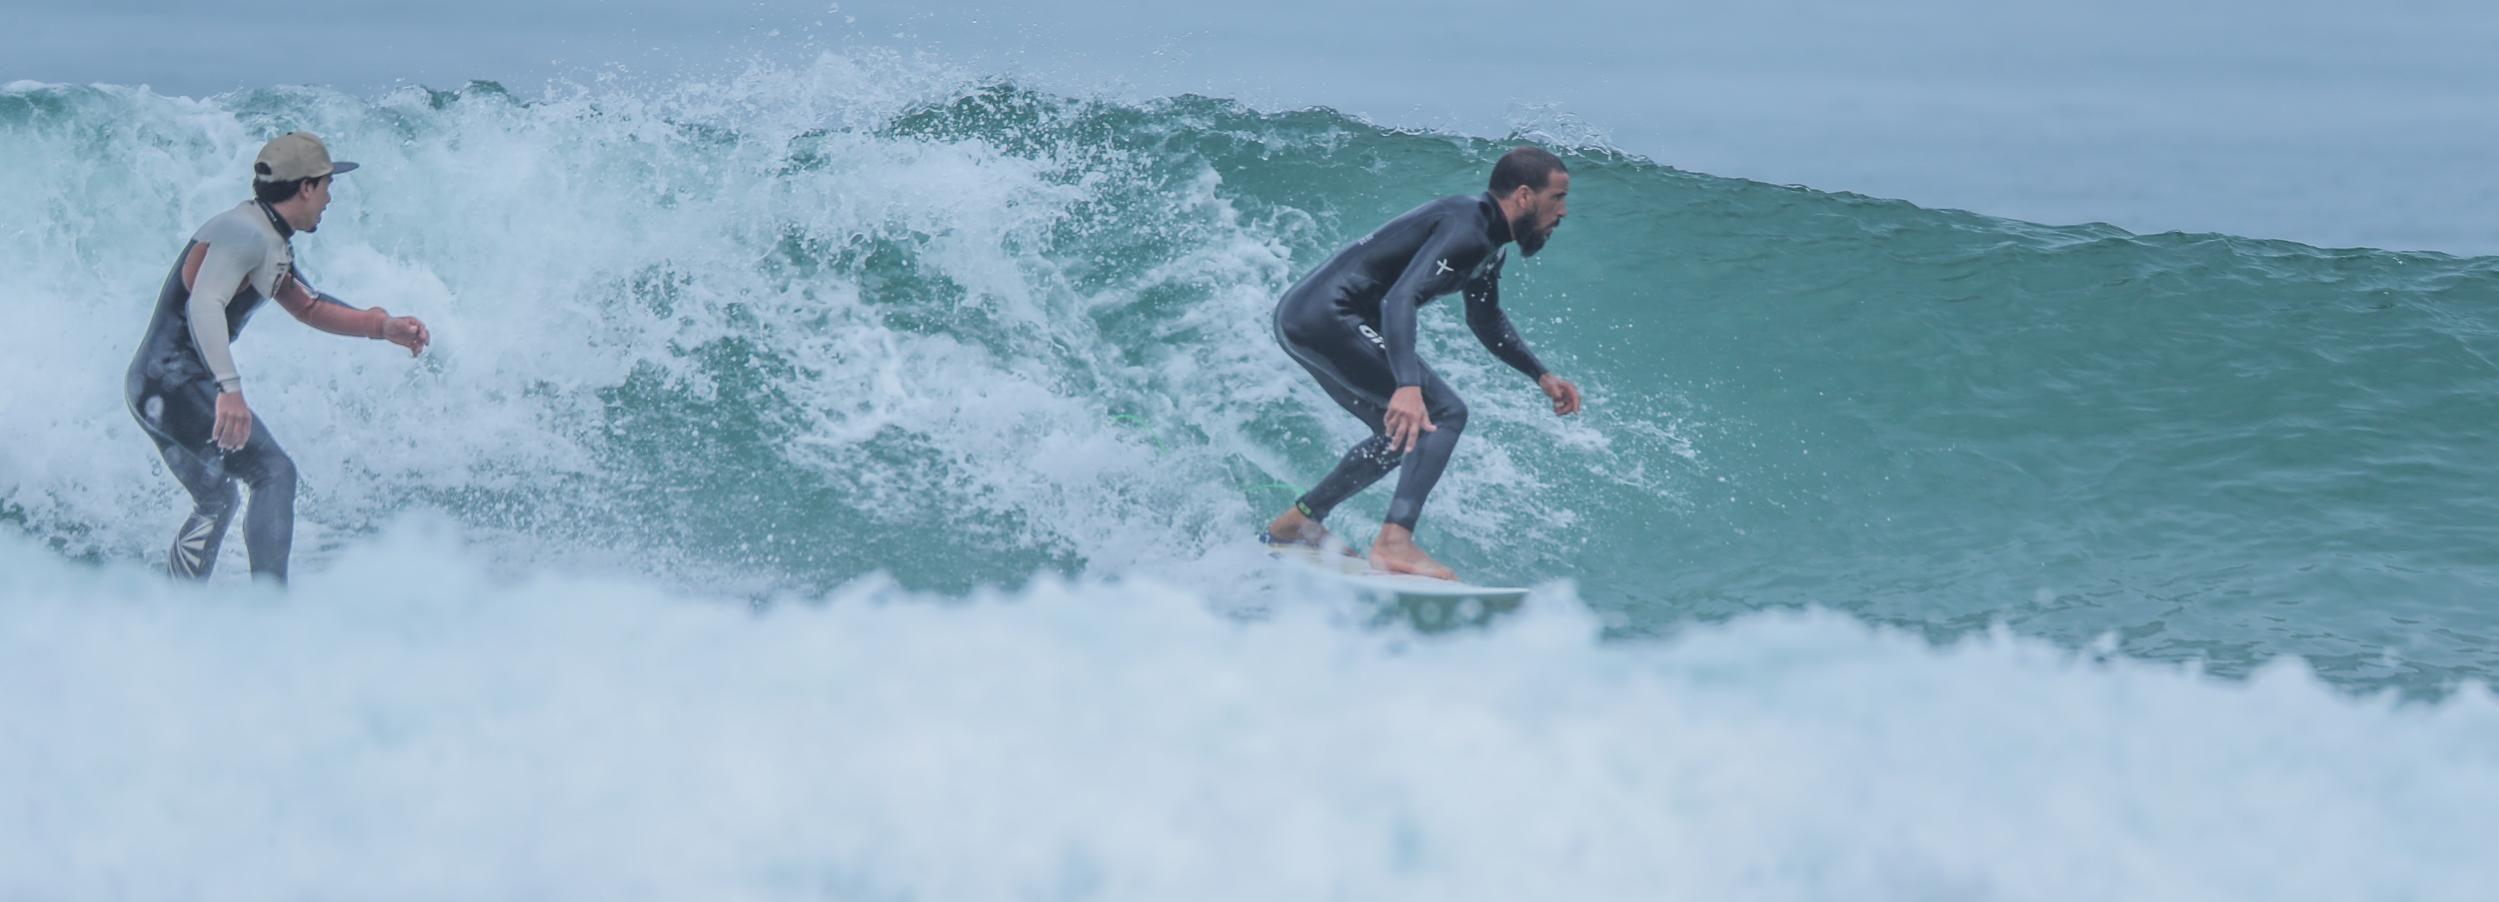 Essaouira: 2-Hour Surf Lesson